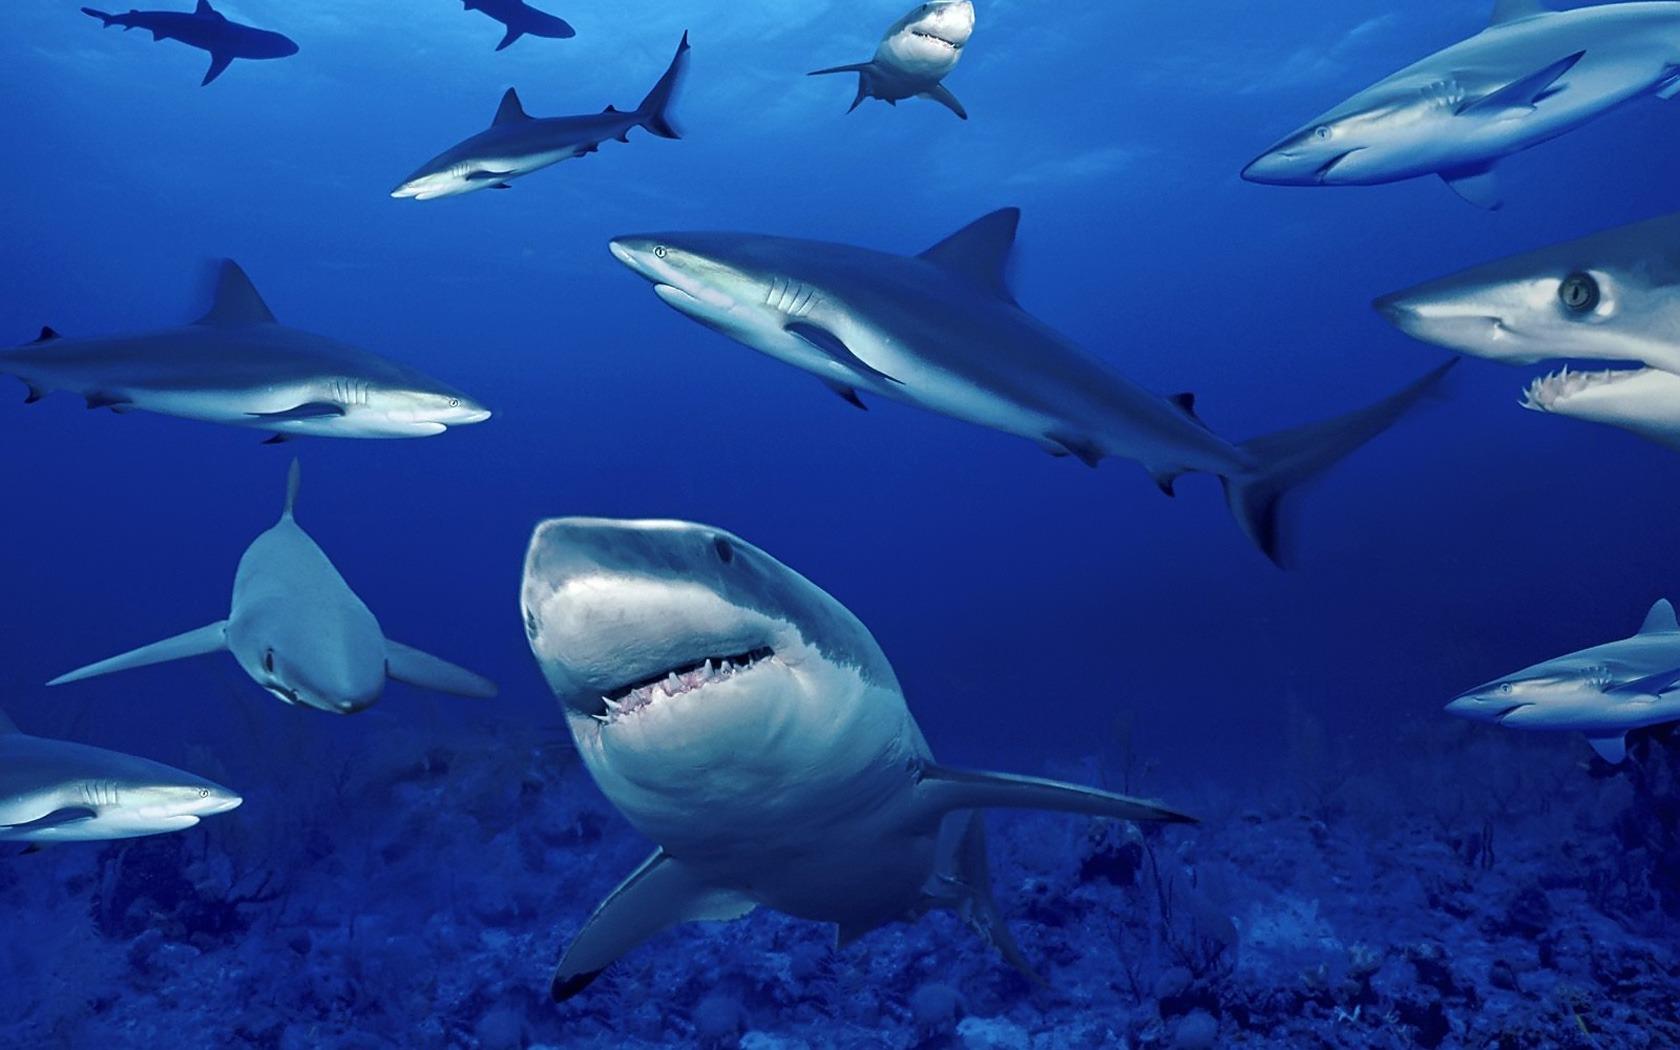 Advierten que los tiburones blancos podrían extinguirse en 100 años